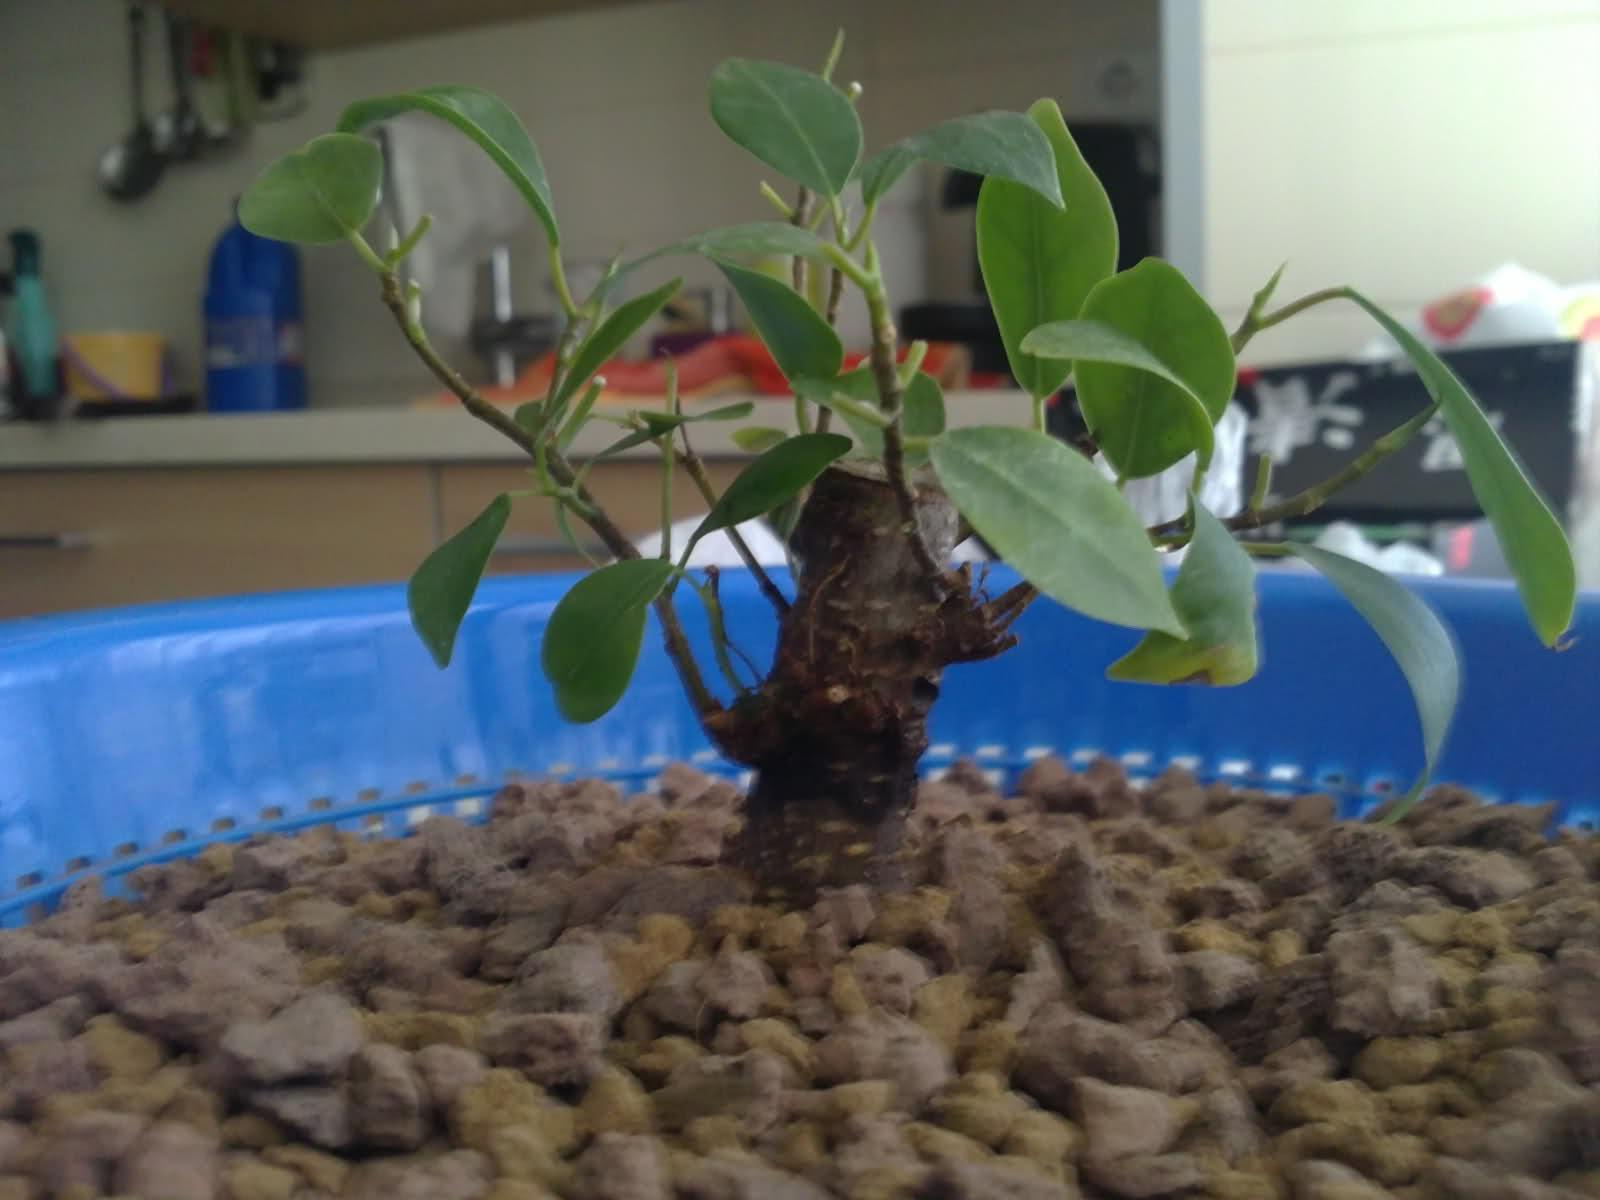 Ficus ginsen evolucion  - Página 2 S5y8ly